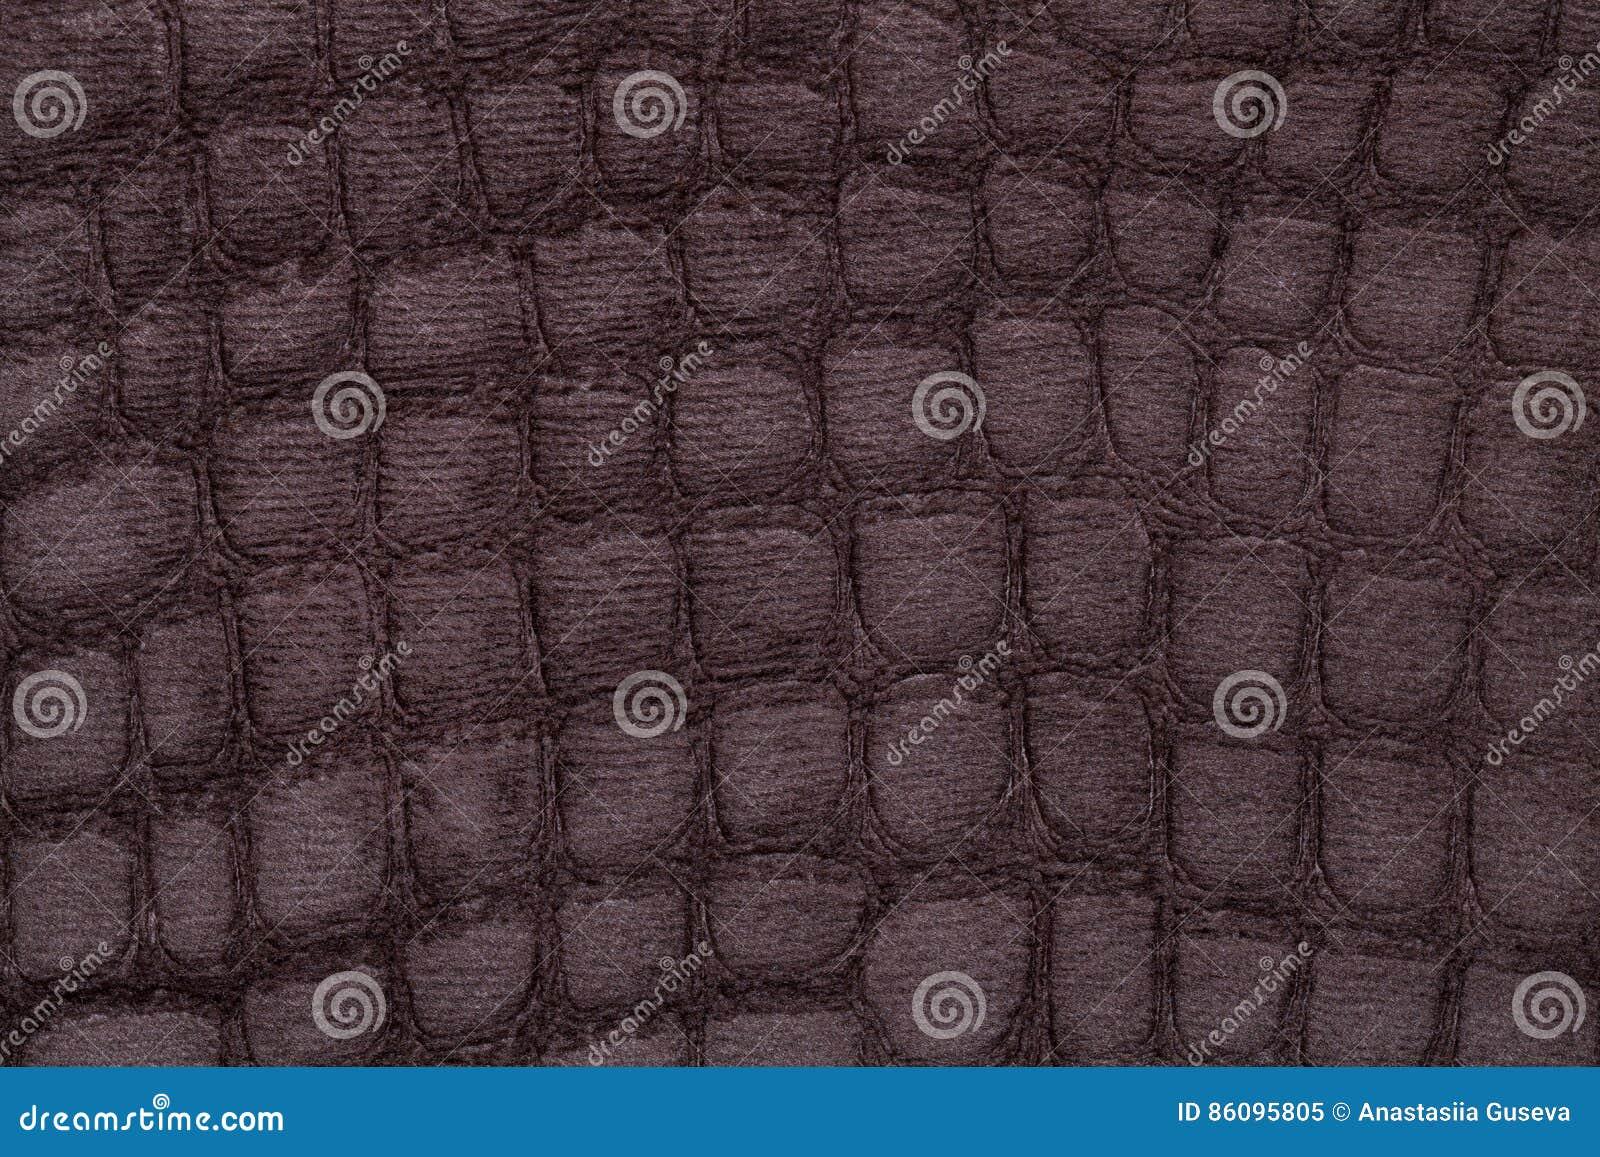 100/% viscosa sustancia estampados vestidos de tela prendas de vestir decoración de viscosa METERWARE multicolor